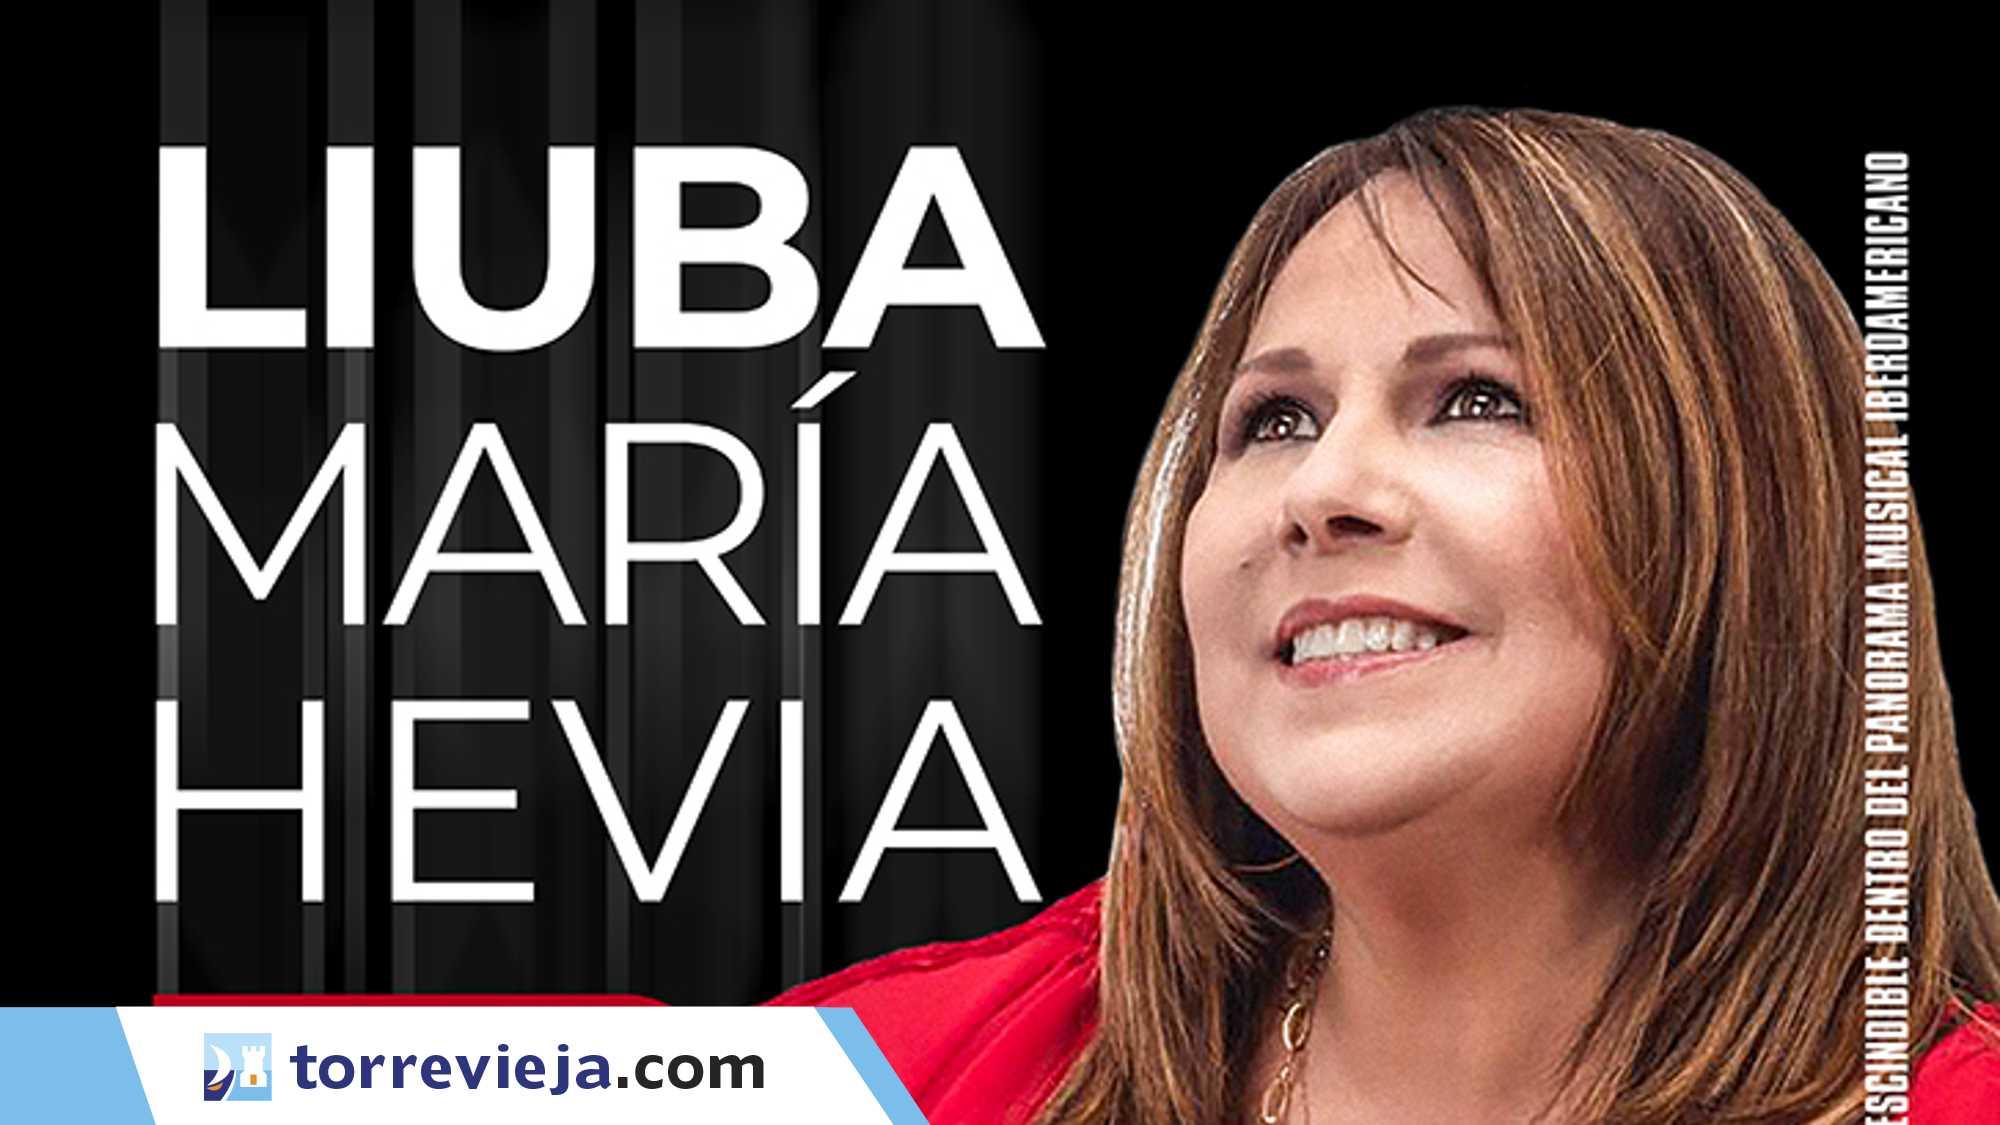 Concierto de Liuba María Hevia Torrevieja